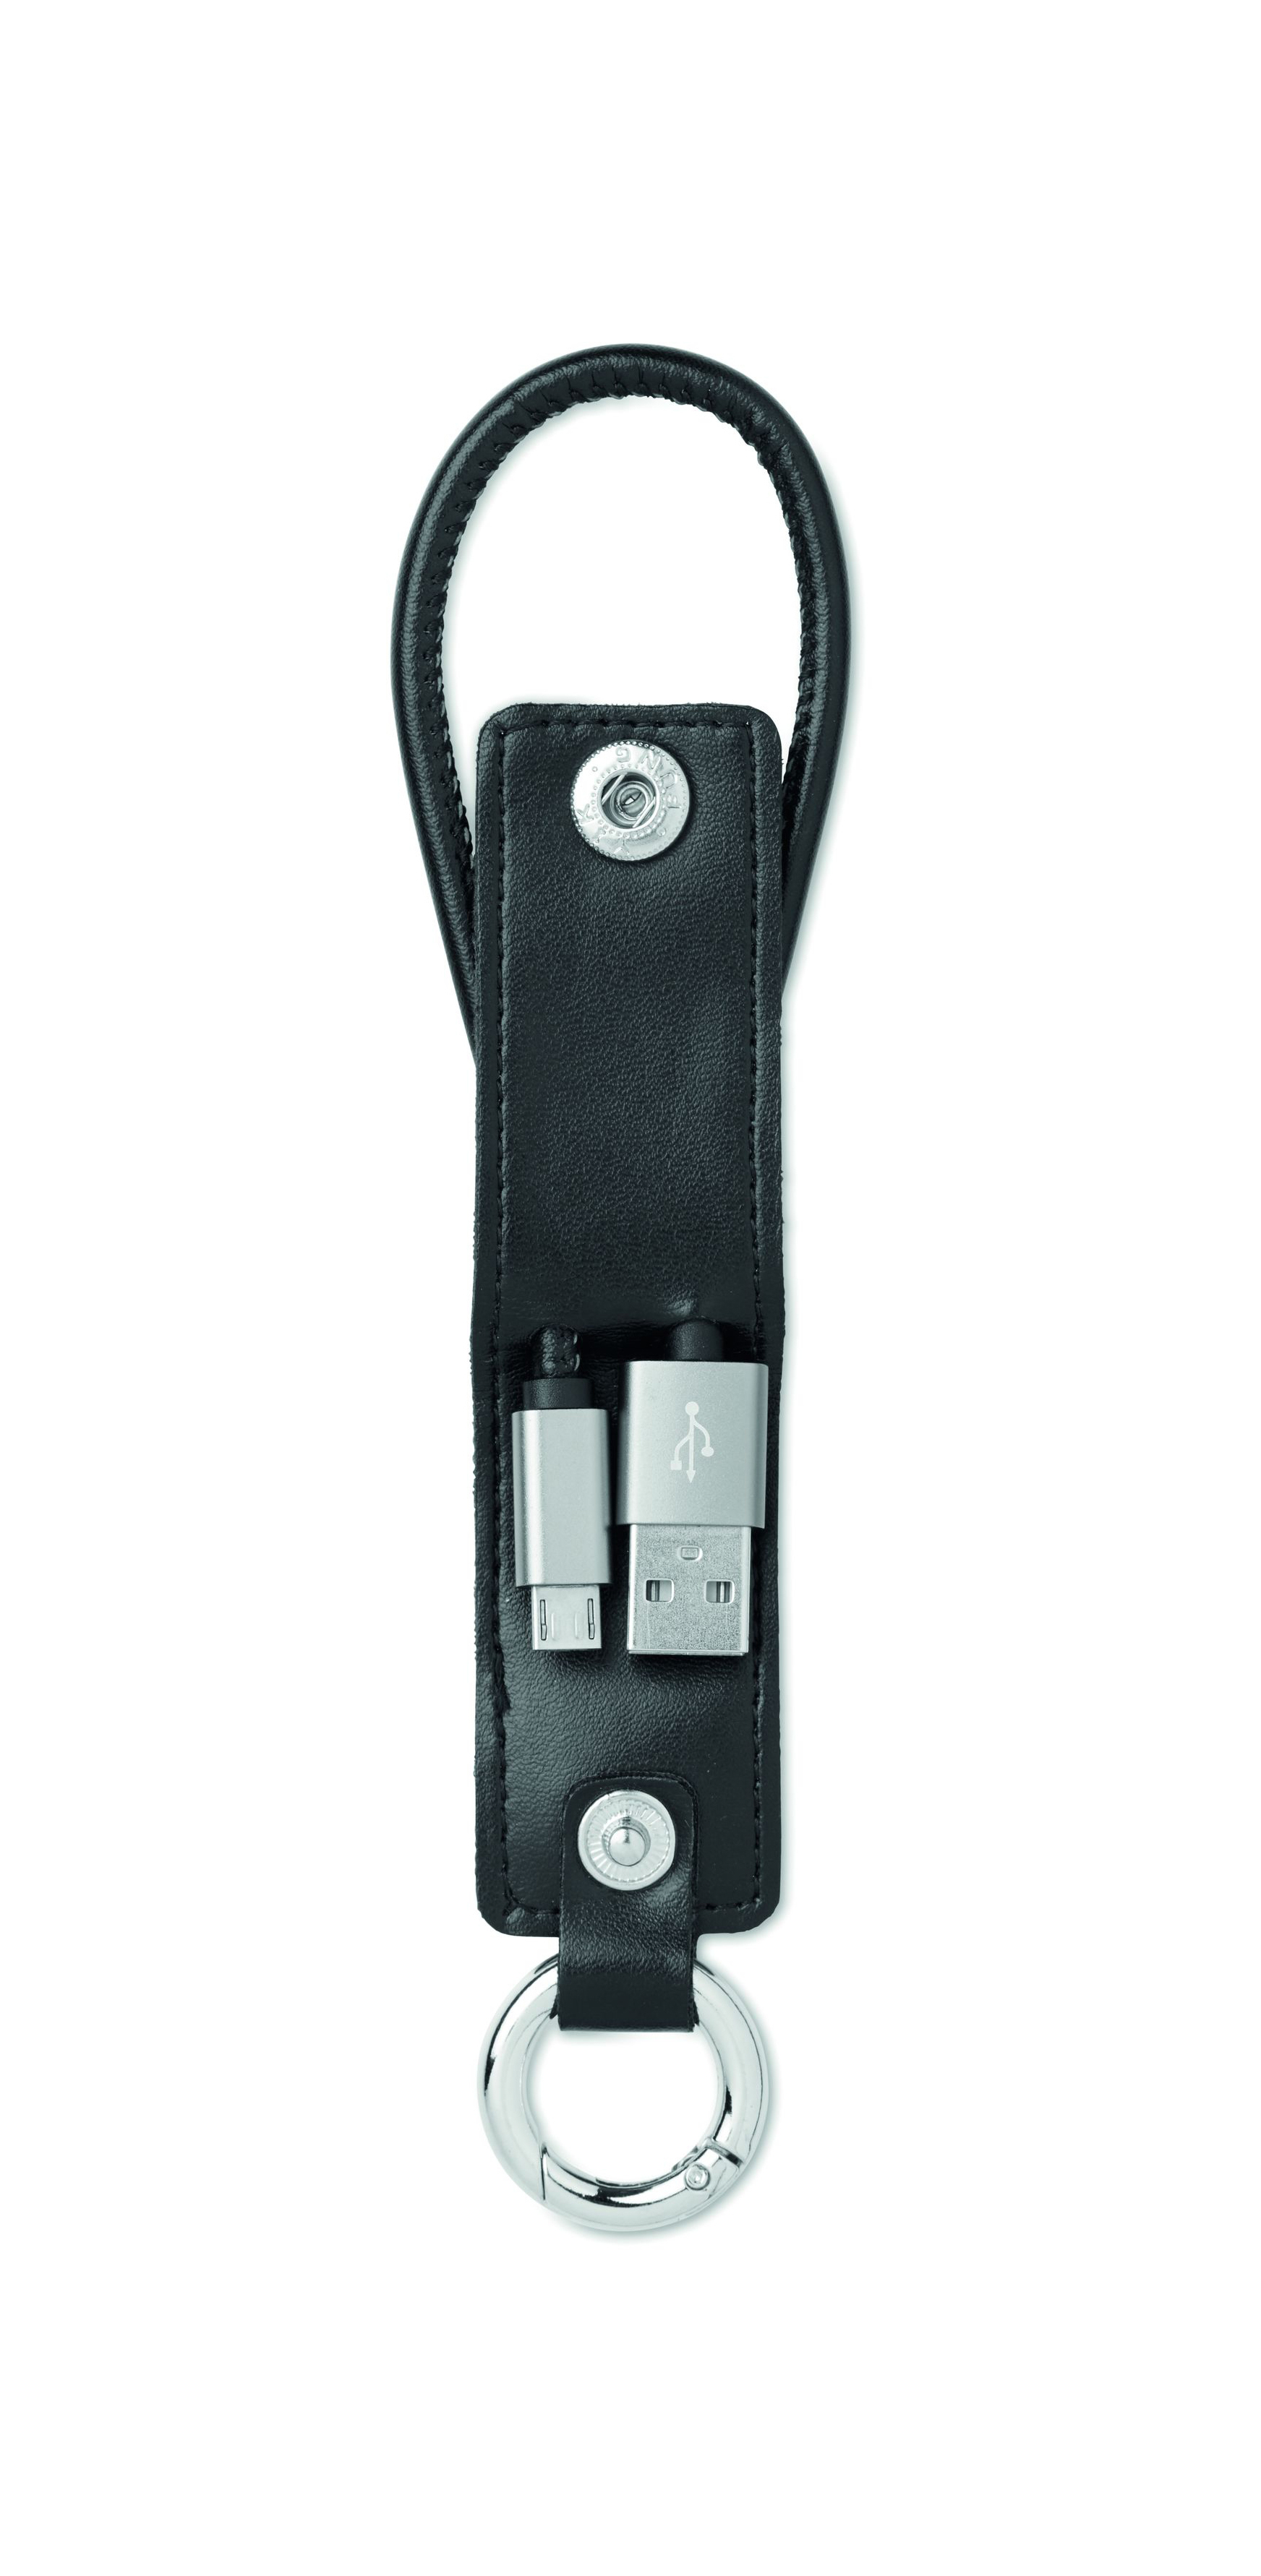 Porte-clés avec 3 câbles